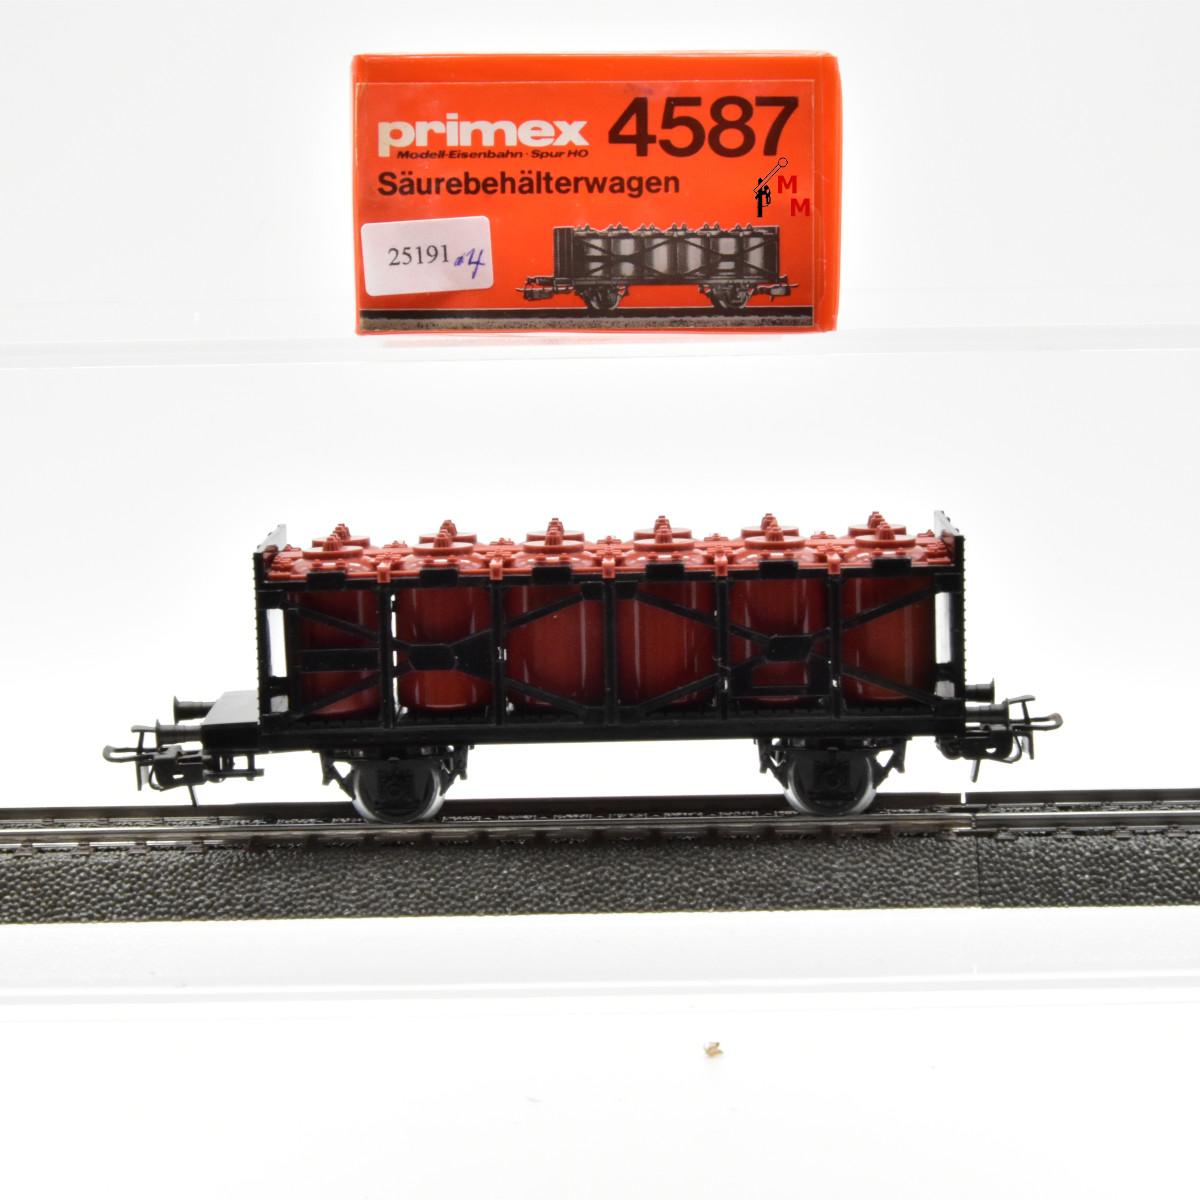 Primex 4587.4 Säure-Behälterwagen,  (25191)